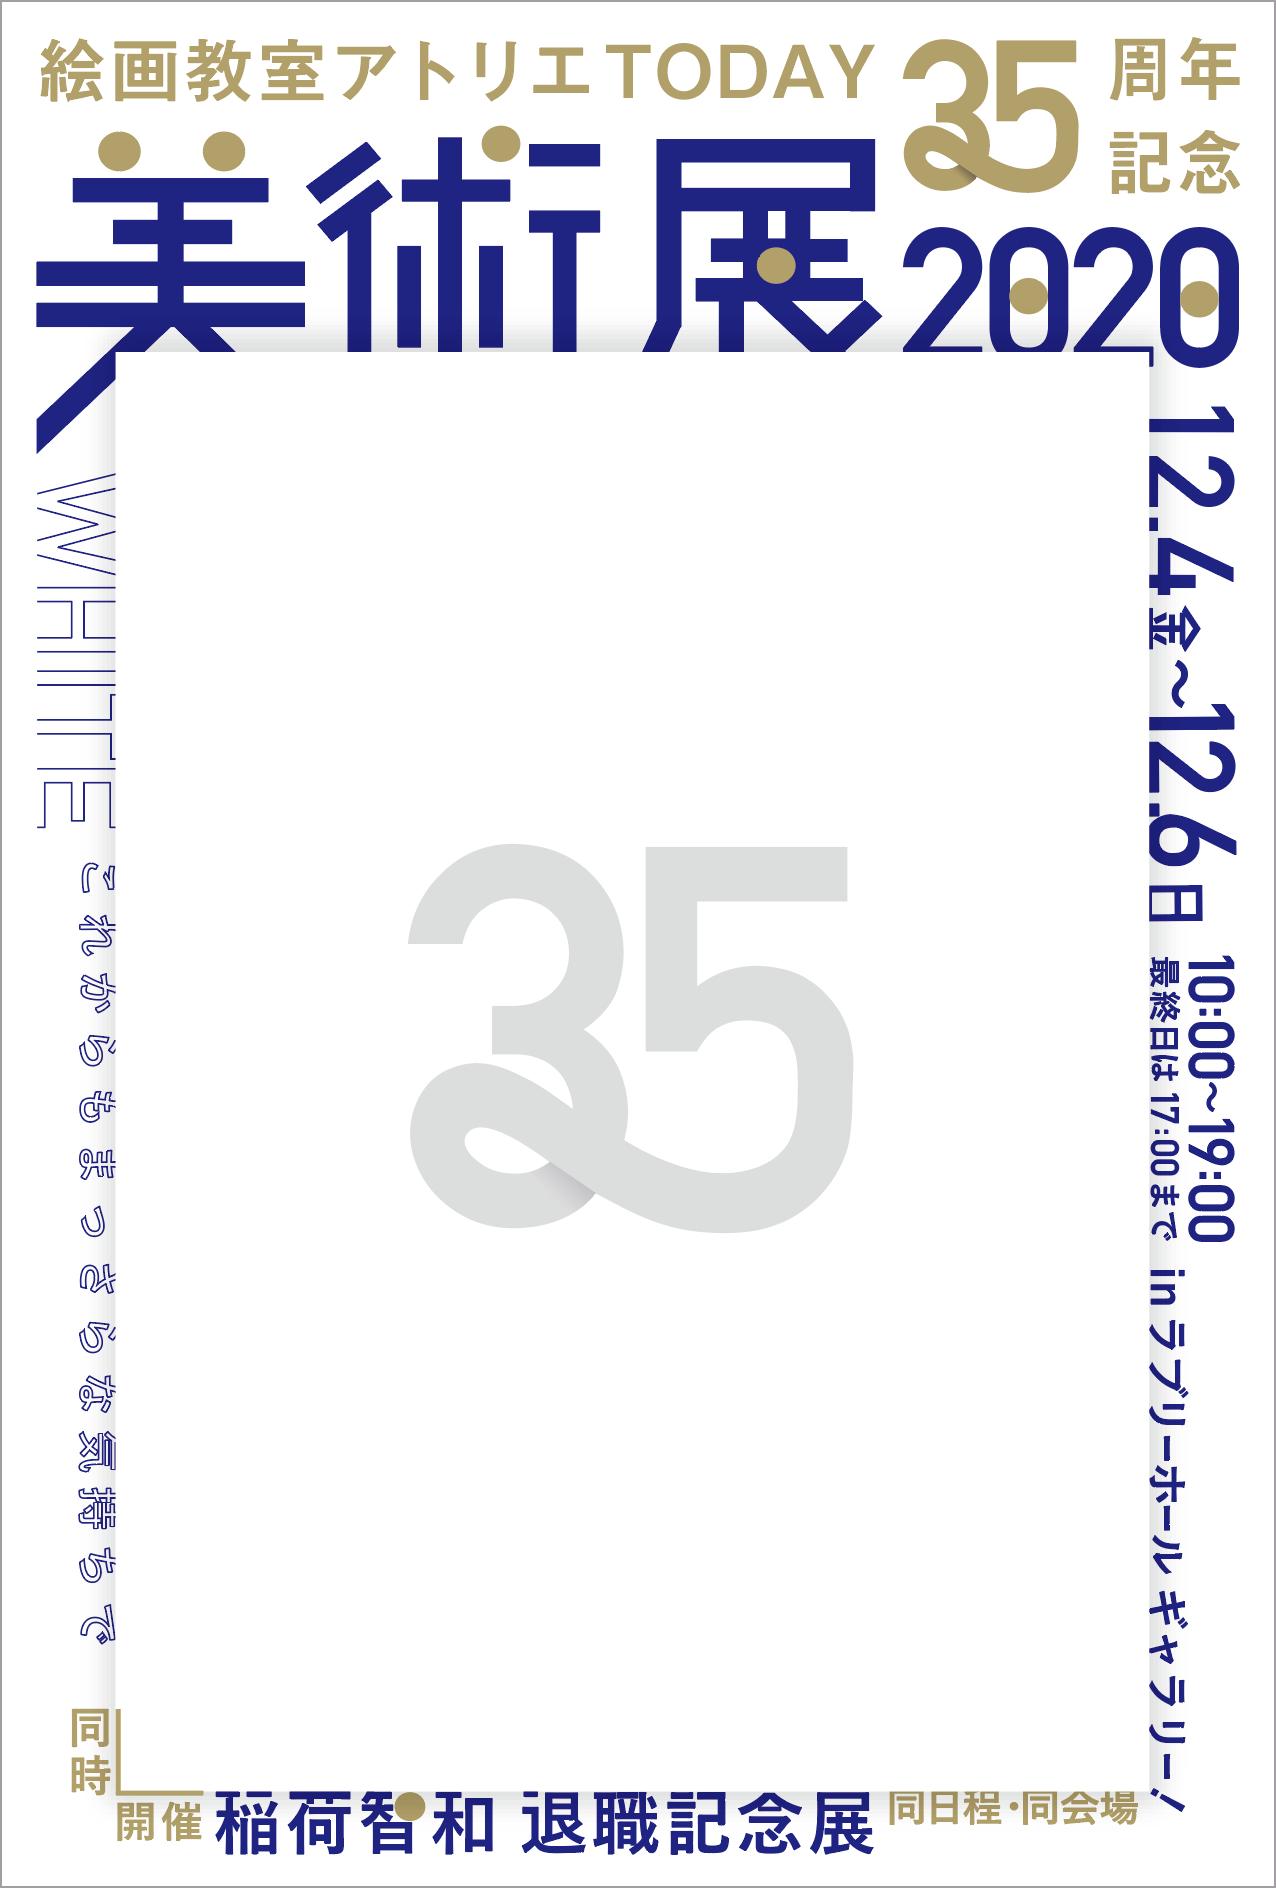 アトリエTODAY美術展2020開催_b0212226_19251633.png